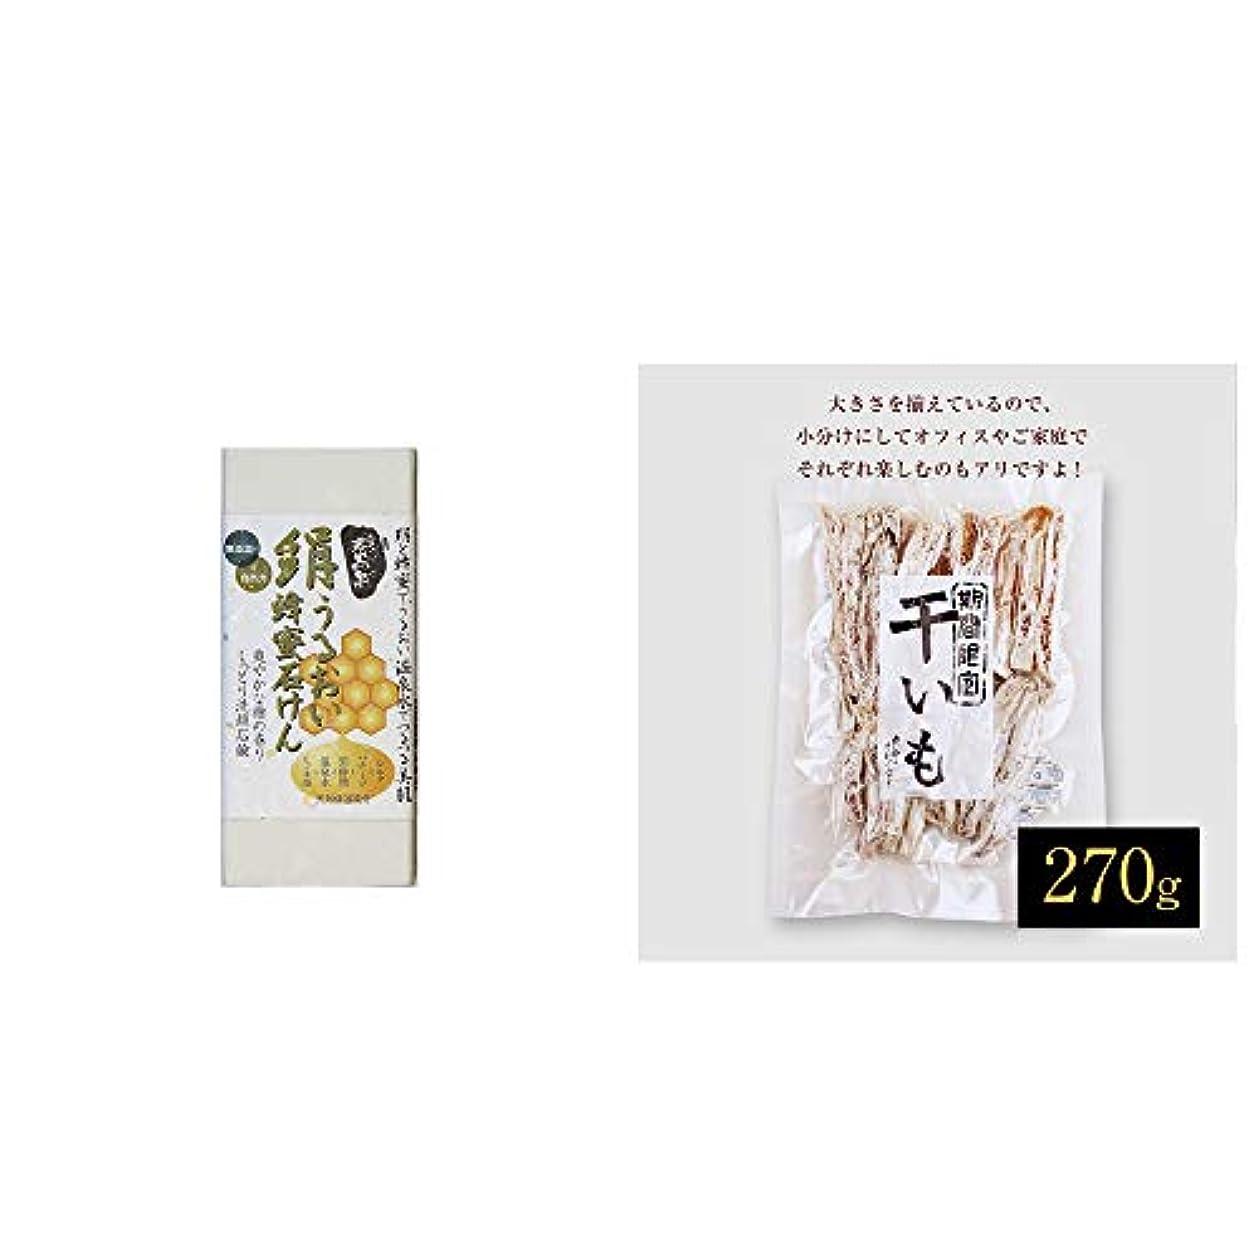 ファントム大破奴隷[2点セット] ひのき炭黒泉 絹うるおい蜂蜜石けん(75g×2)?干いも(270g)